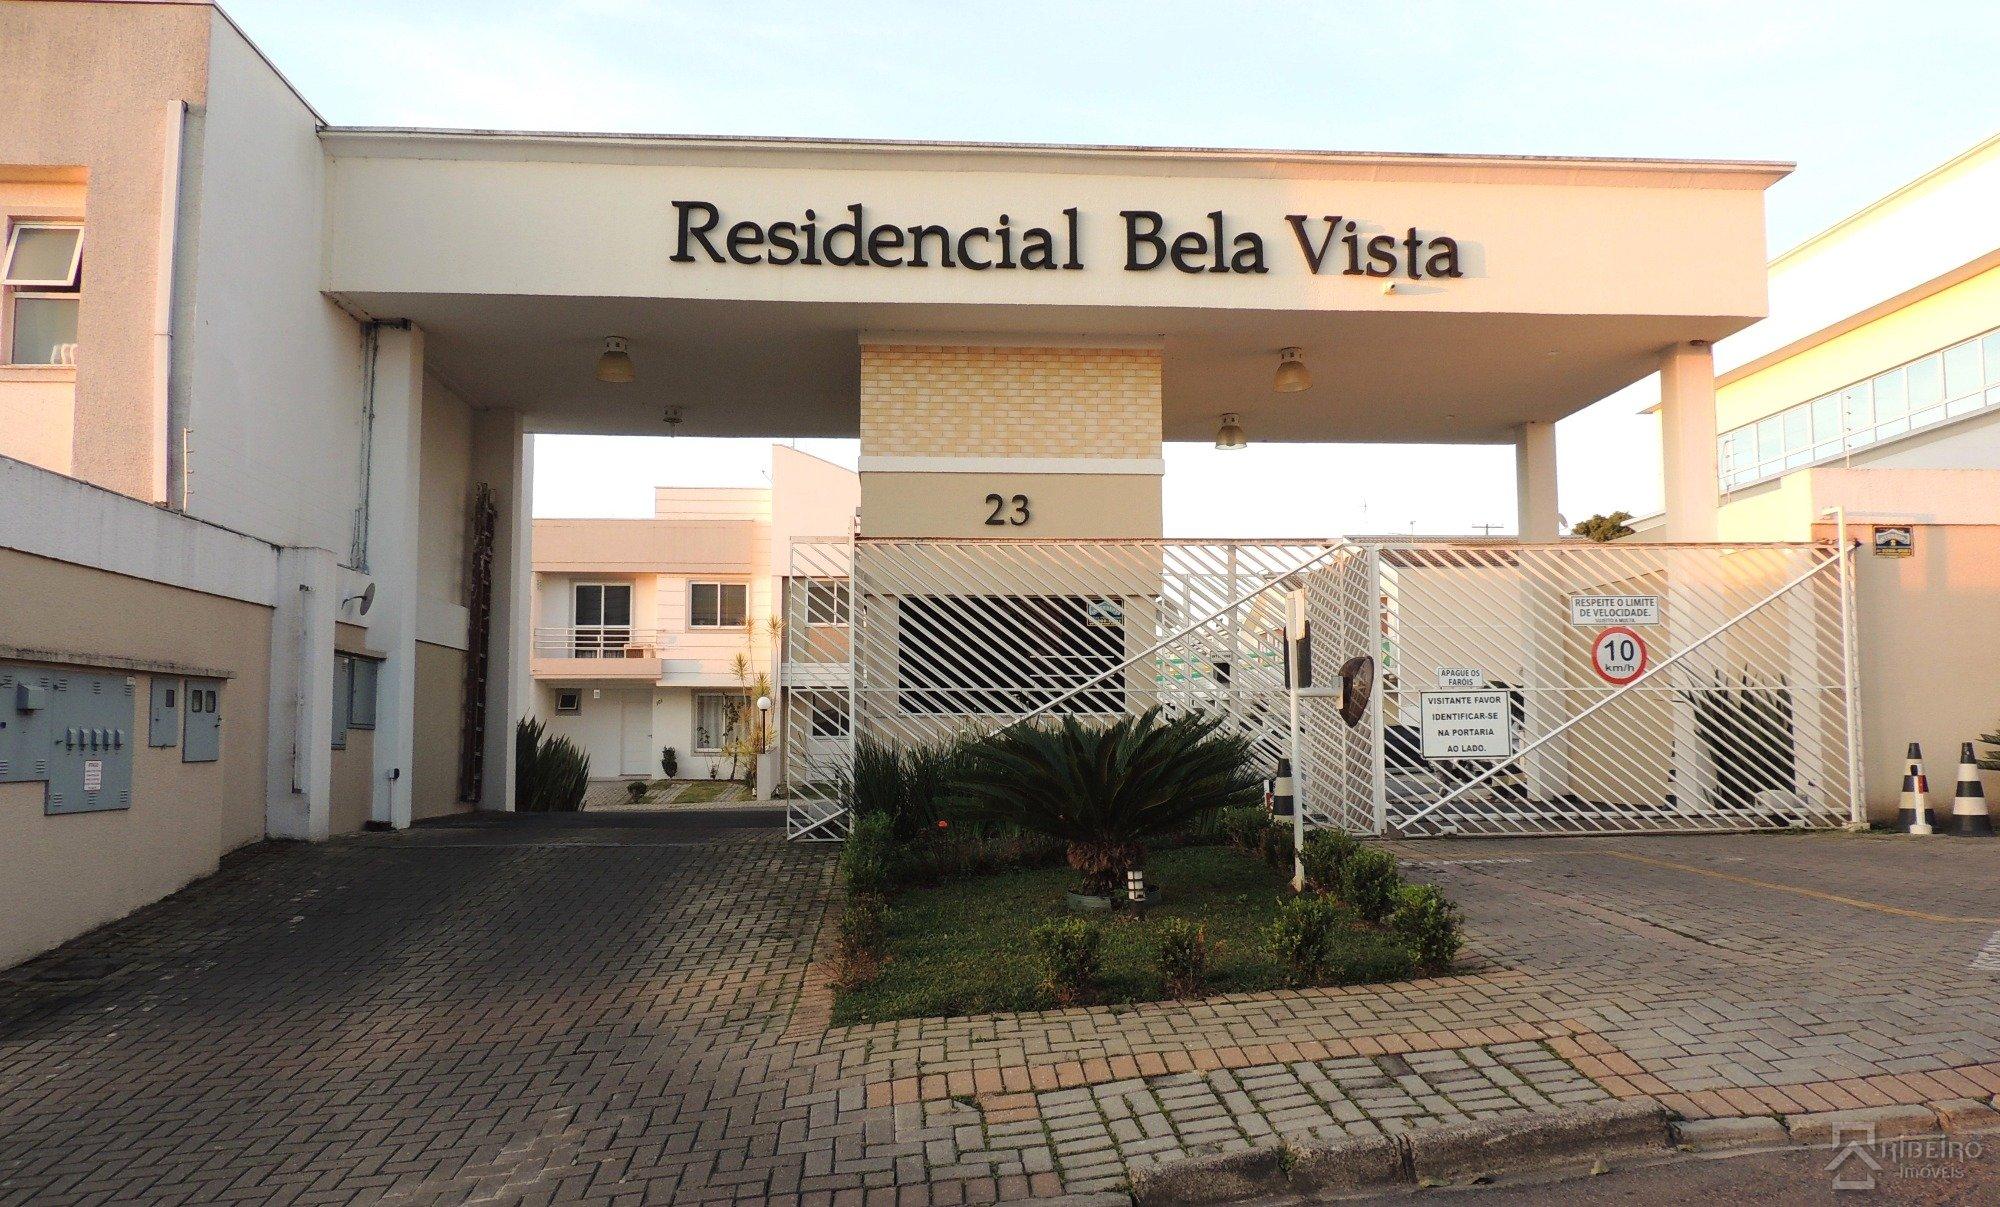 REF. 7366 -  São José Dos Pinhais - Rua Maranhao, 23 - Sobrado 19